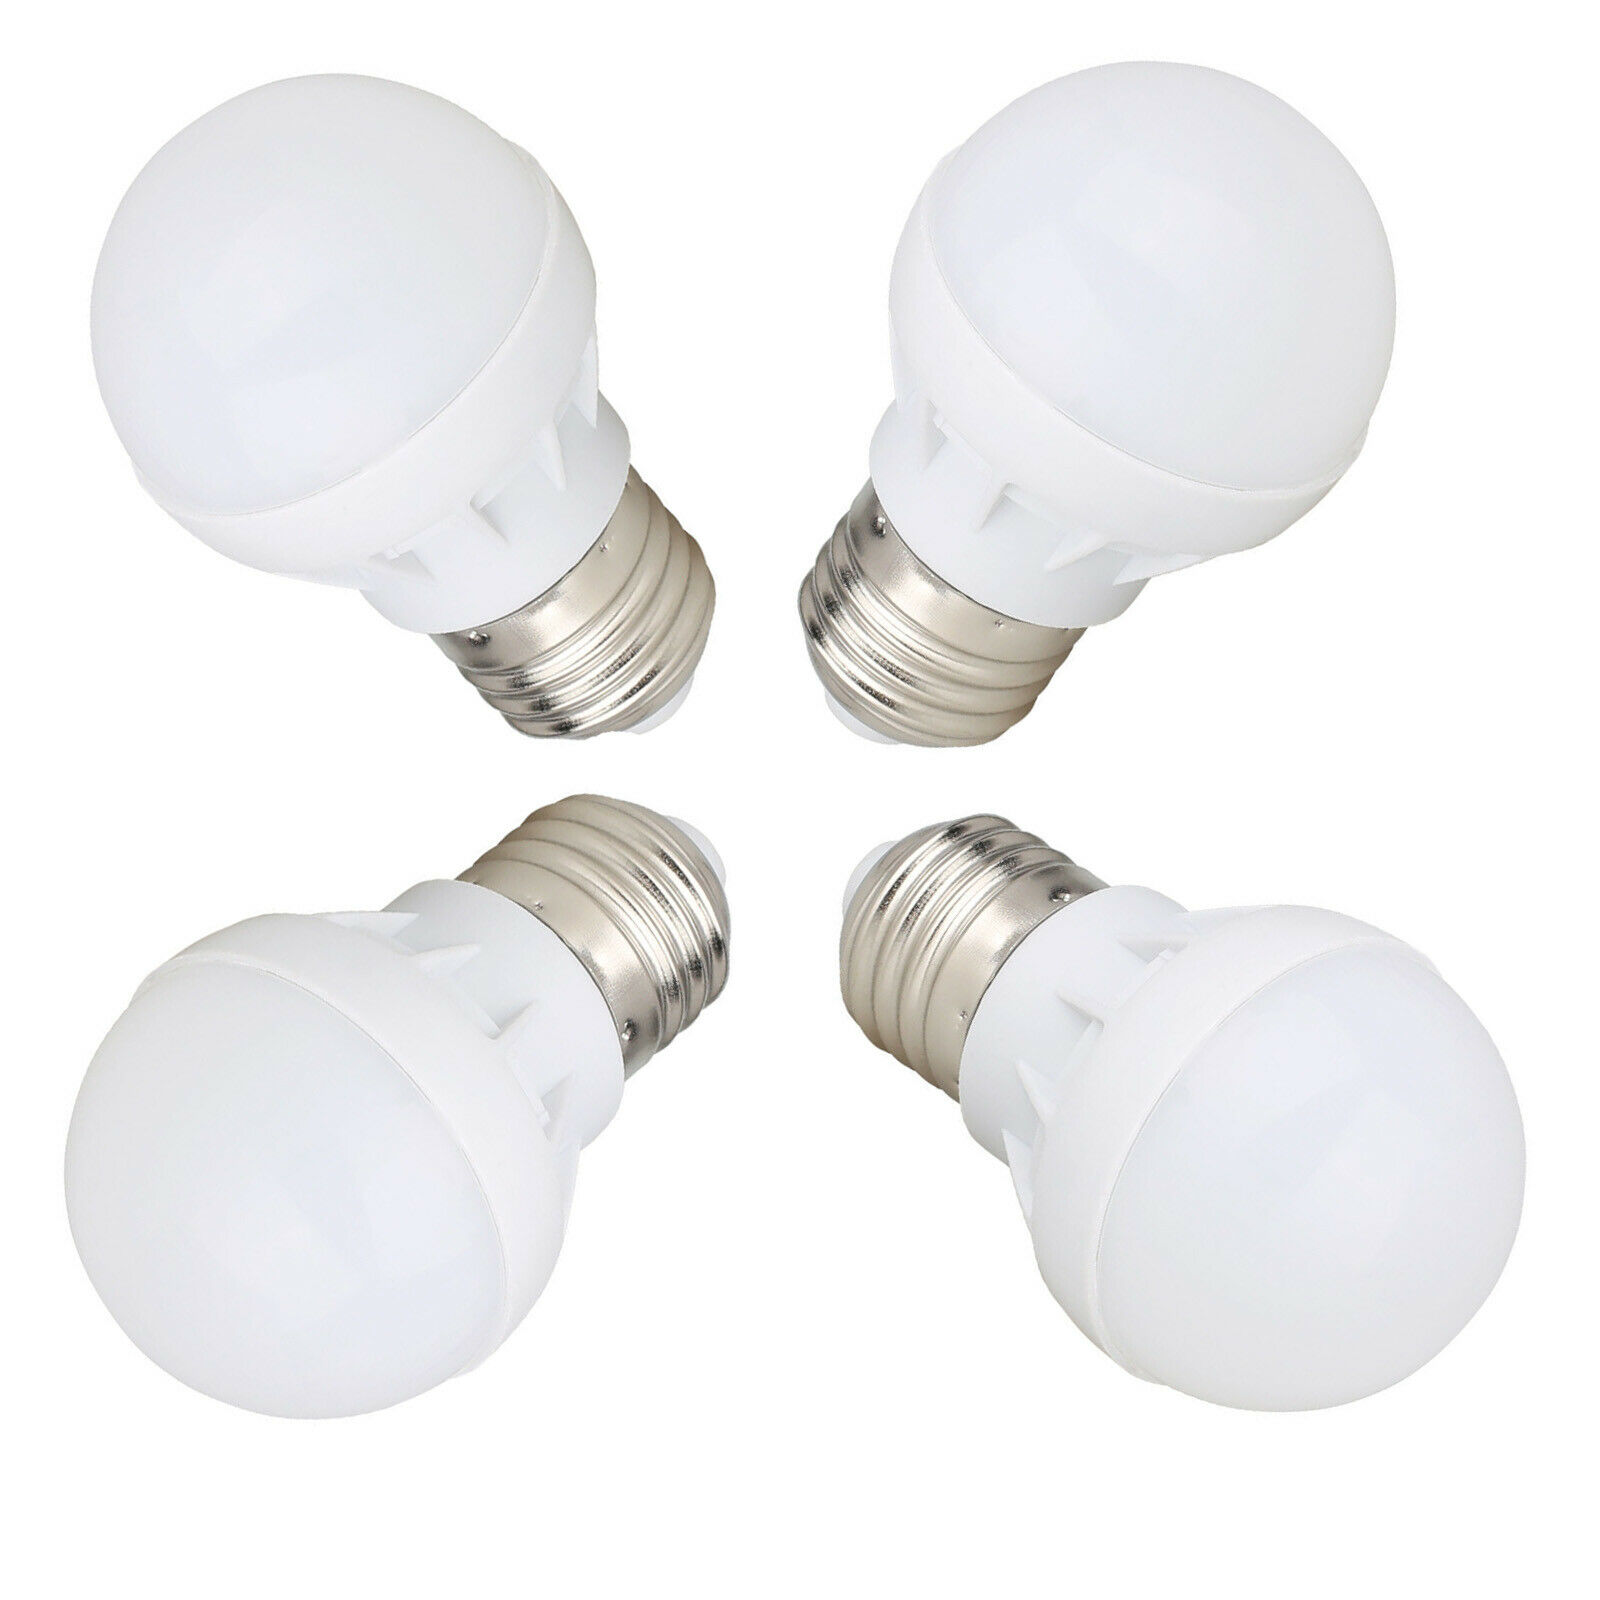 E27 E26 LED Globe Bulb Light 3W Cool Warm White Lamp AC 110V 220V  For Chandeliers Energy Saving Light Bombillas Replace Halogen